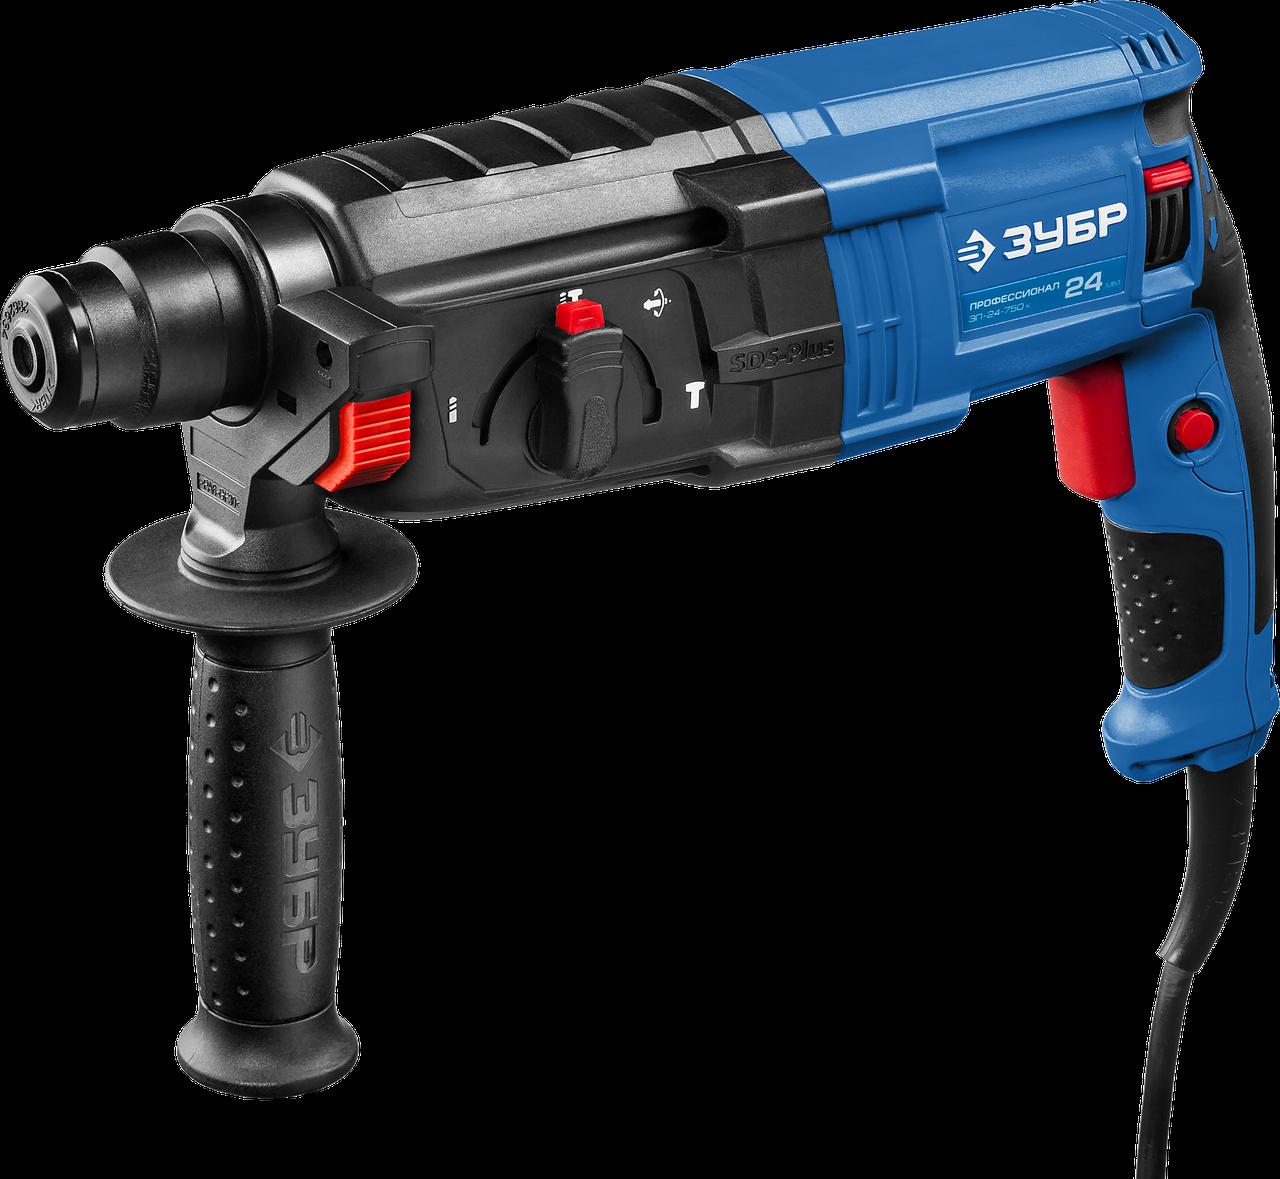 Перфоратор SDS-plus, ЗУБР Профессионал ЗП-24-750 К, реверс, горизонтальный, 2.6 Дж, 0-1100 об/мин, 0-4500